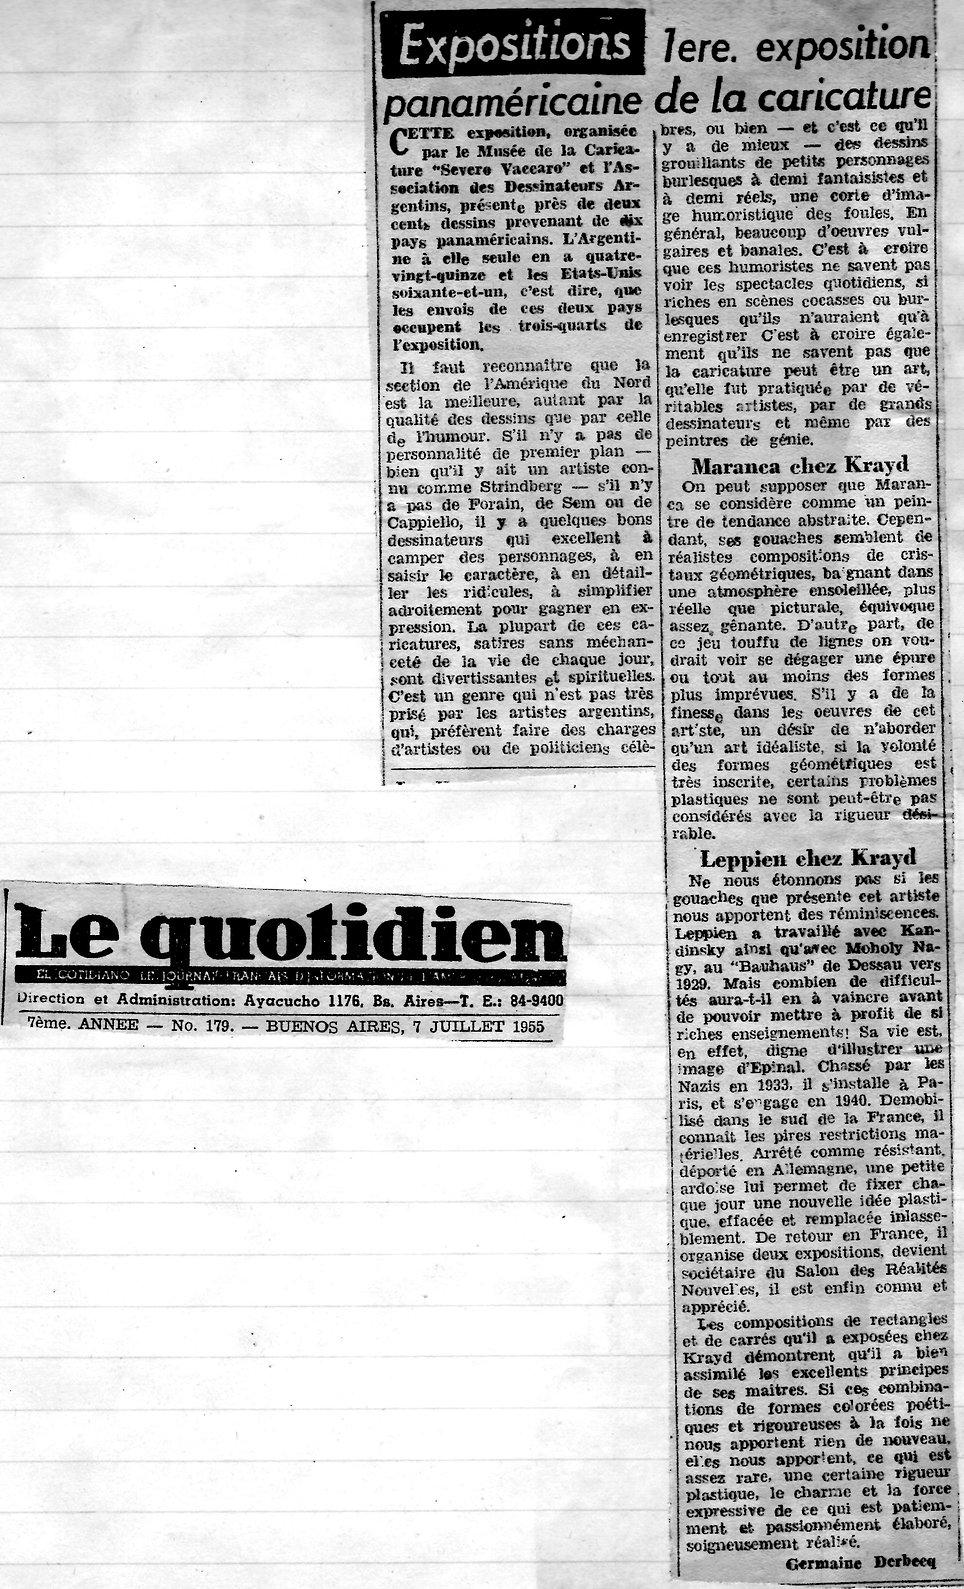 Le Quotidien2 -Premiere exposition panam